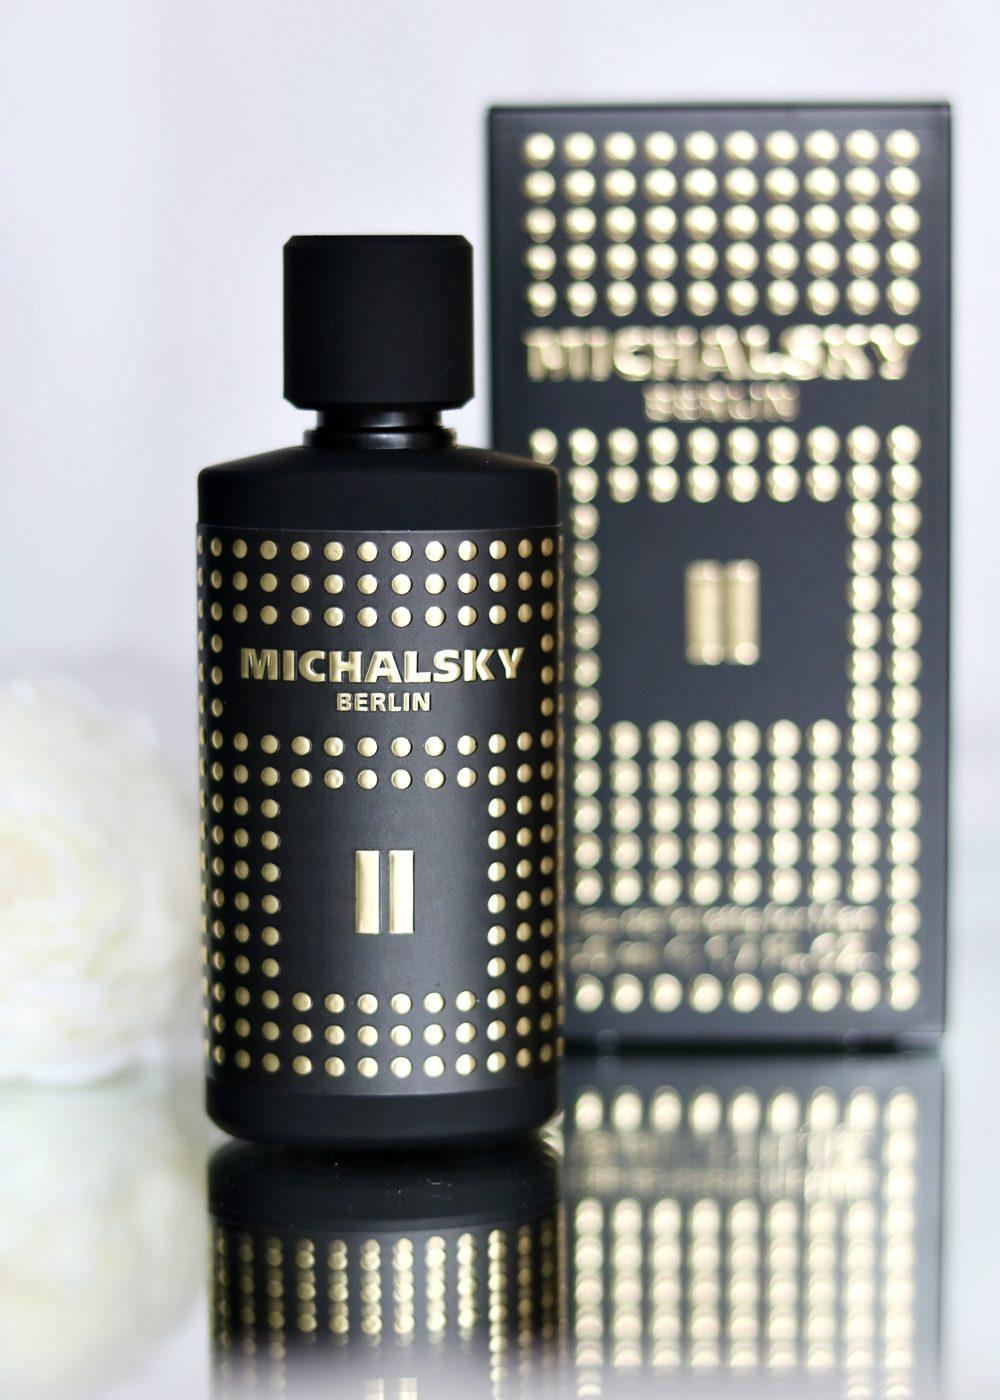 Michael Michalsky Parfum Herrenduft Berlin 2 (1)